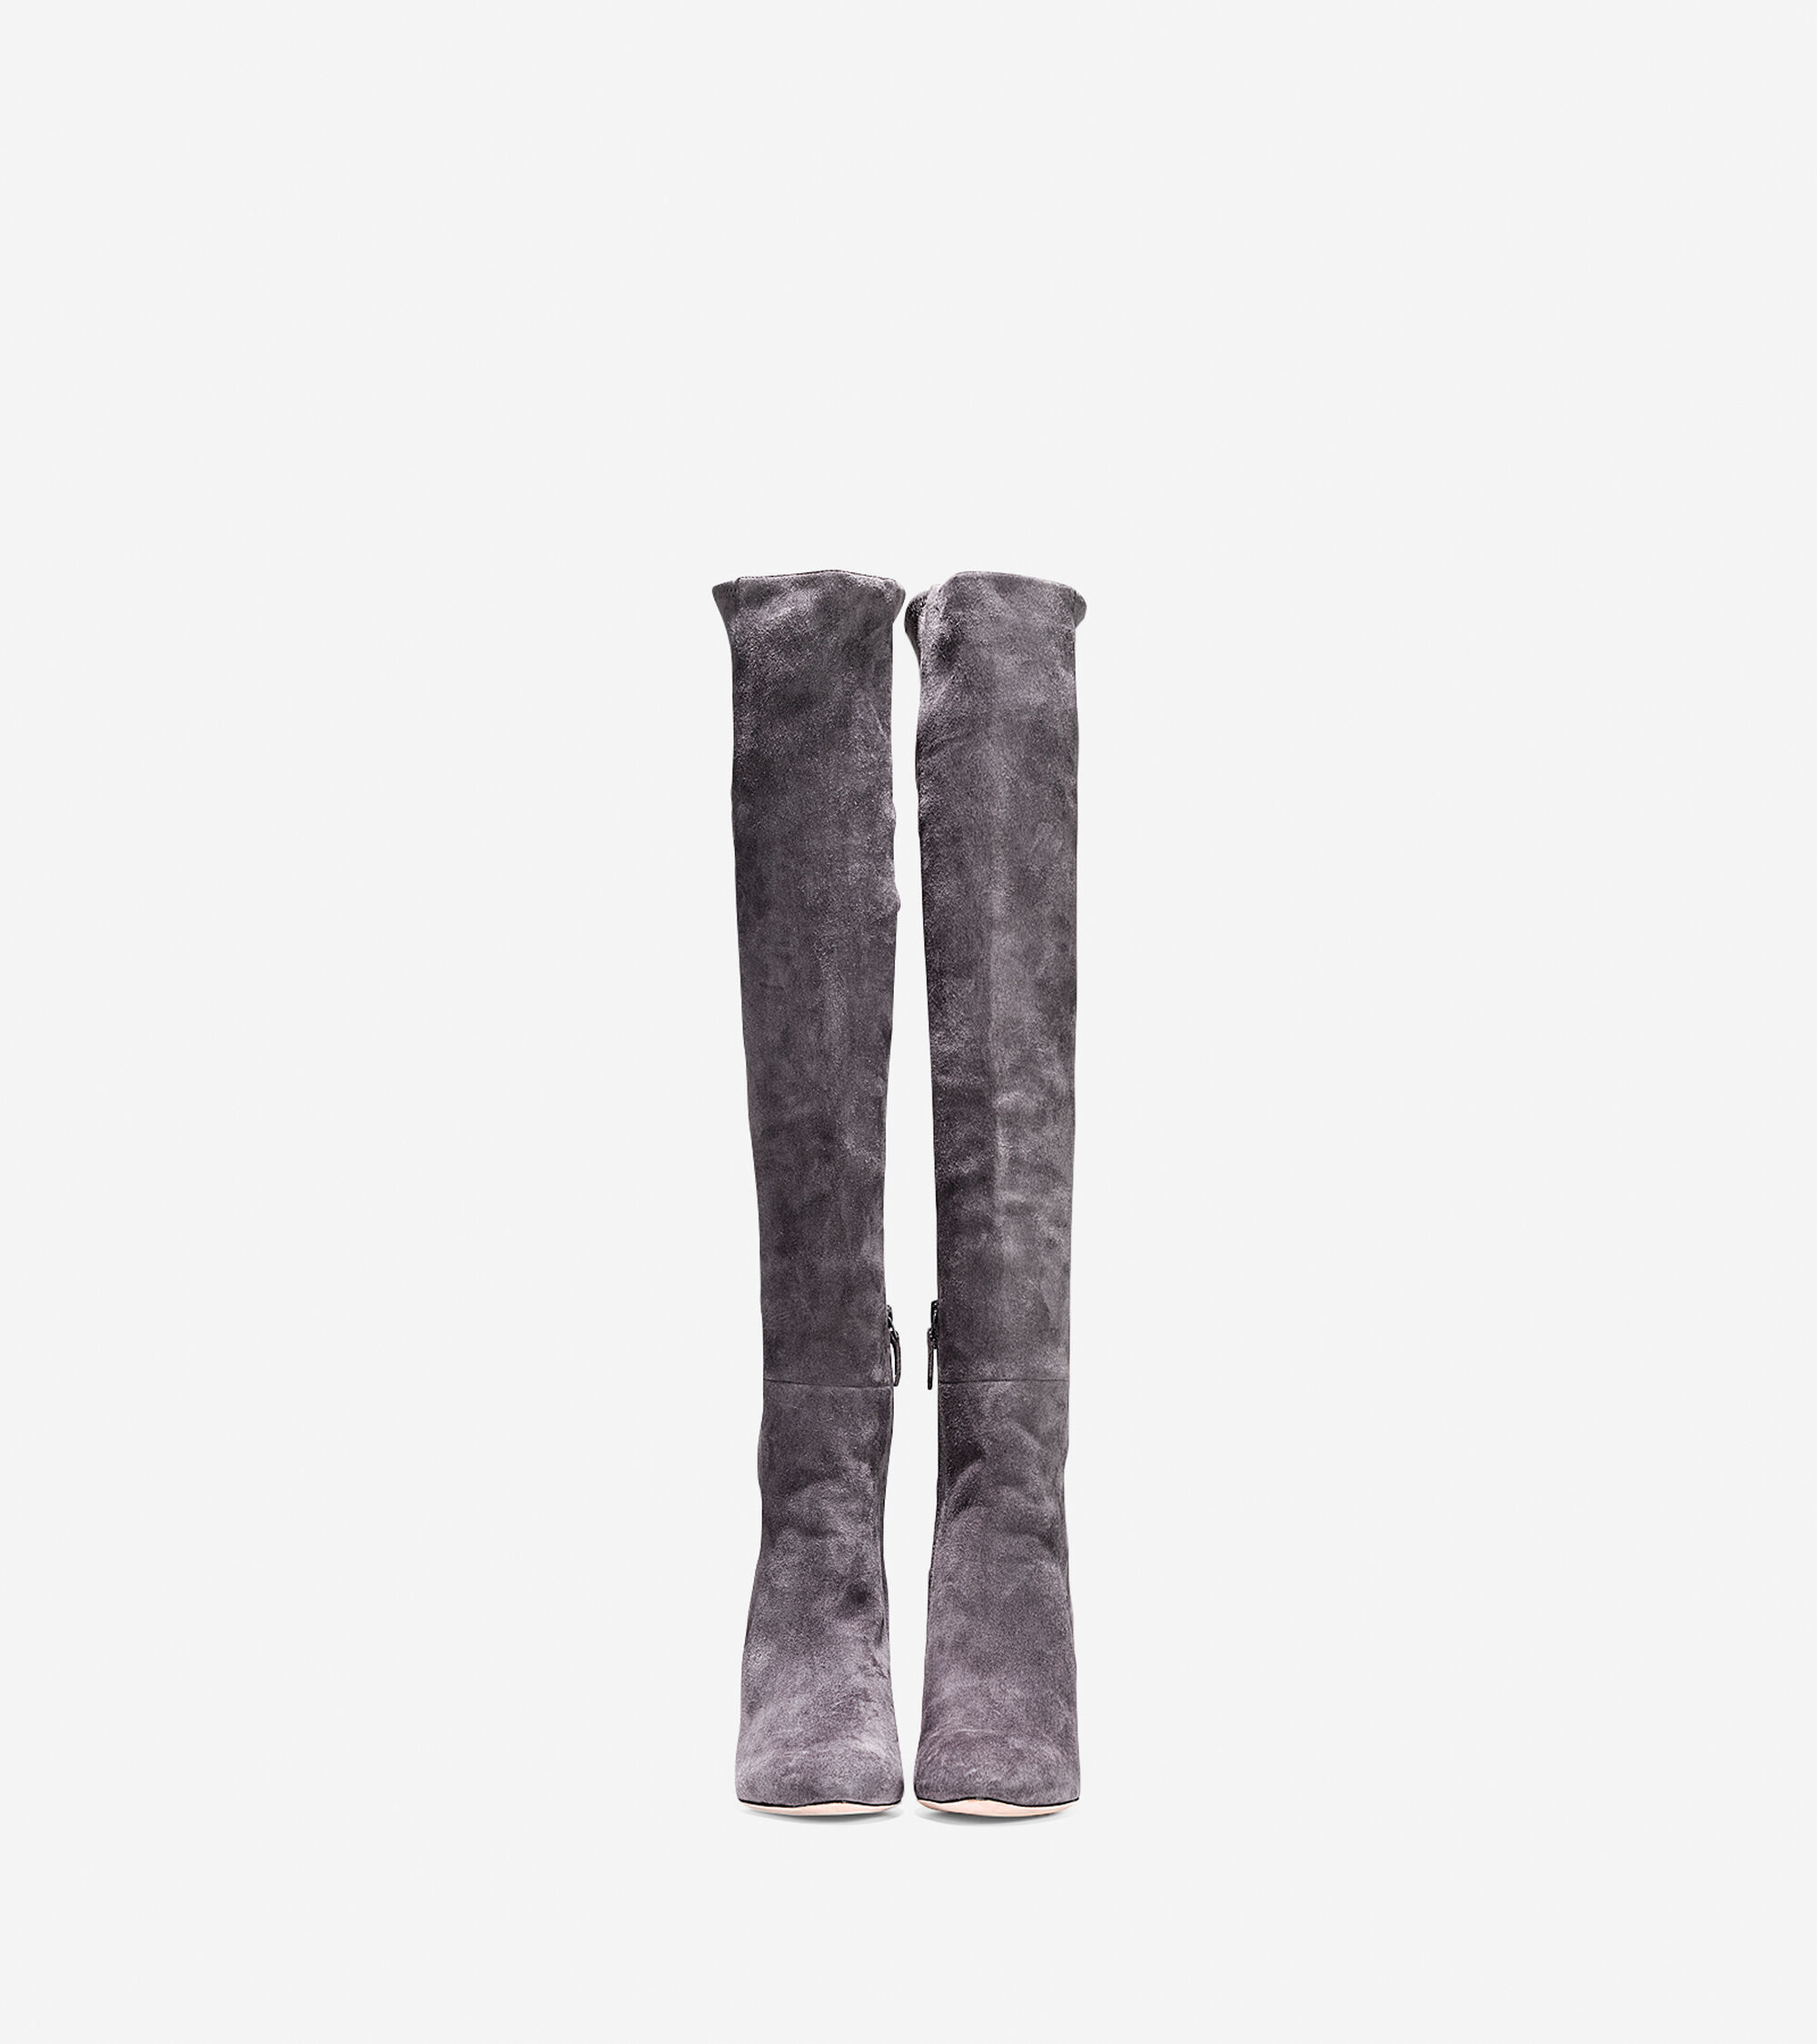 ea14c0fbe3b Women s Marina Over-the-Knee Boots 85mm in Stormcloud